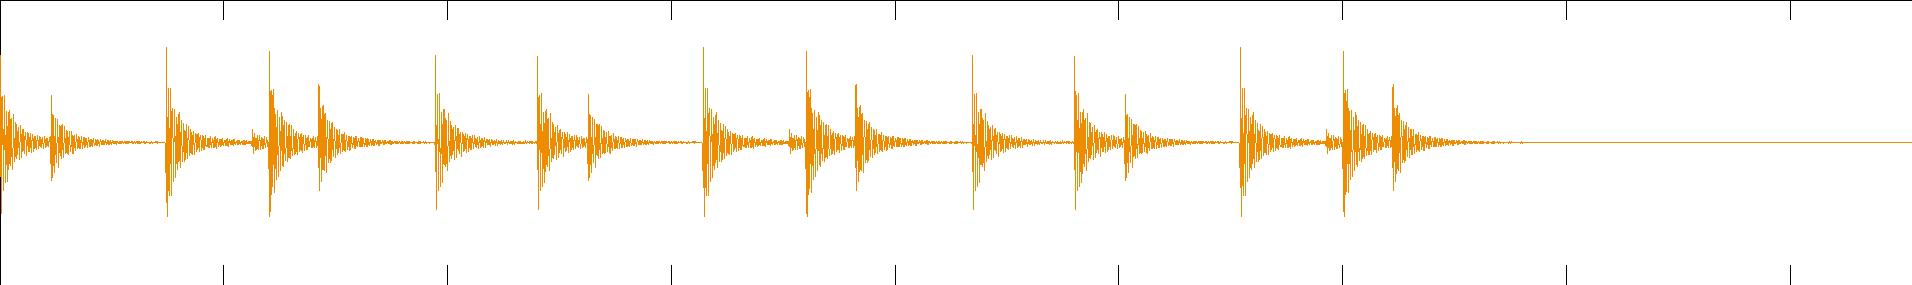 WaveDrum02_42_KD